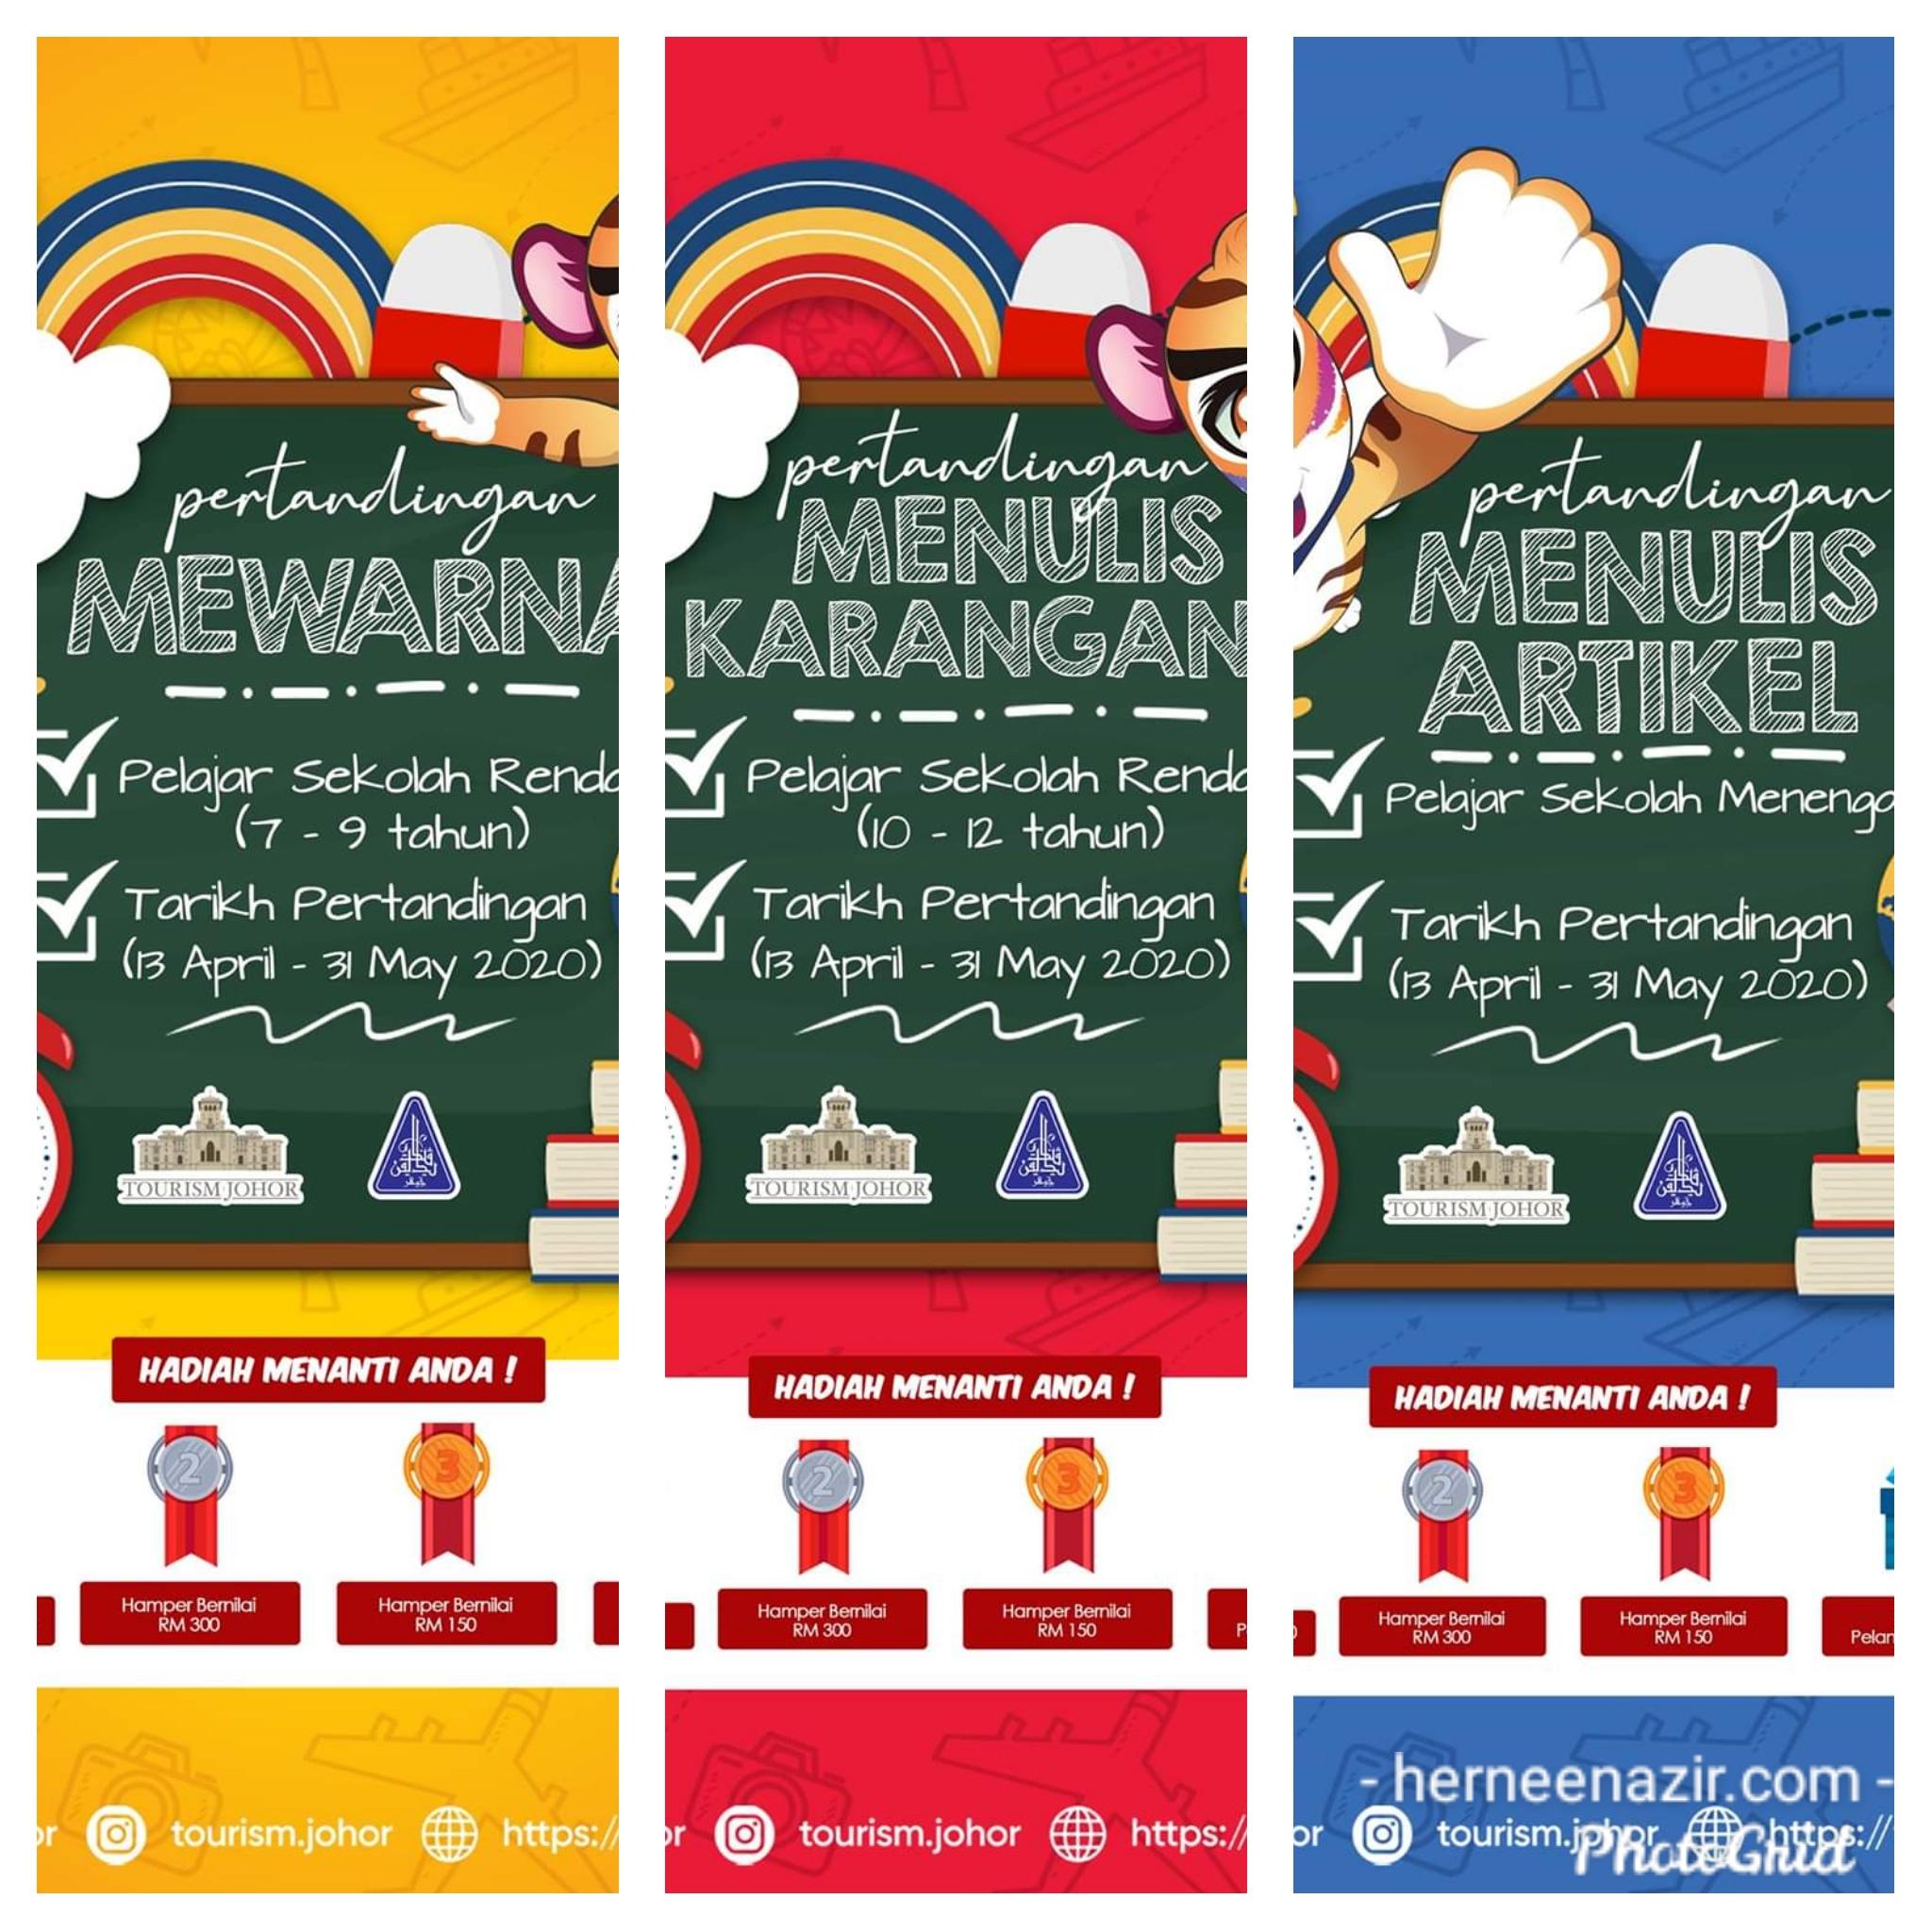 Pertandingan Mewarna, Menulis Karangan & Menulis Artikel Anjuran Tourism Johor & JPNJ